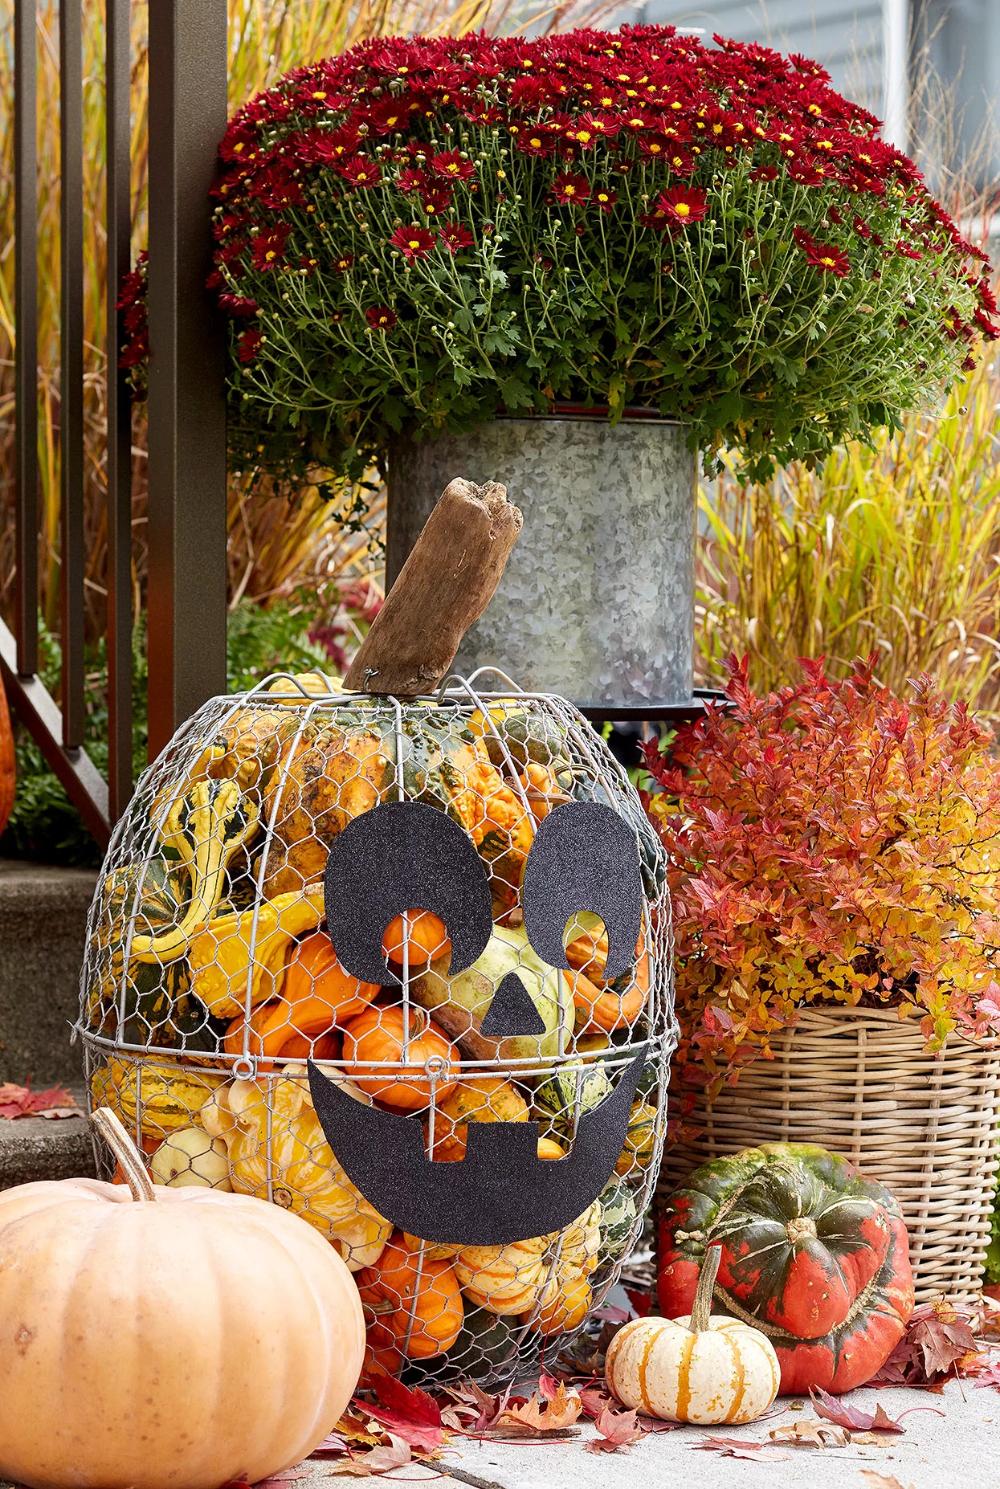 Showcase These Outdoor Fall Decor Ideas Through